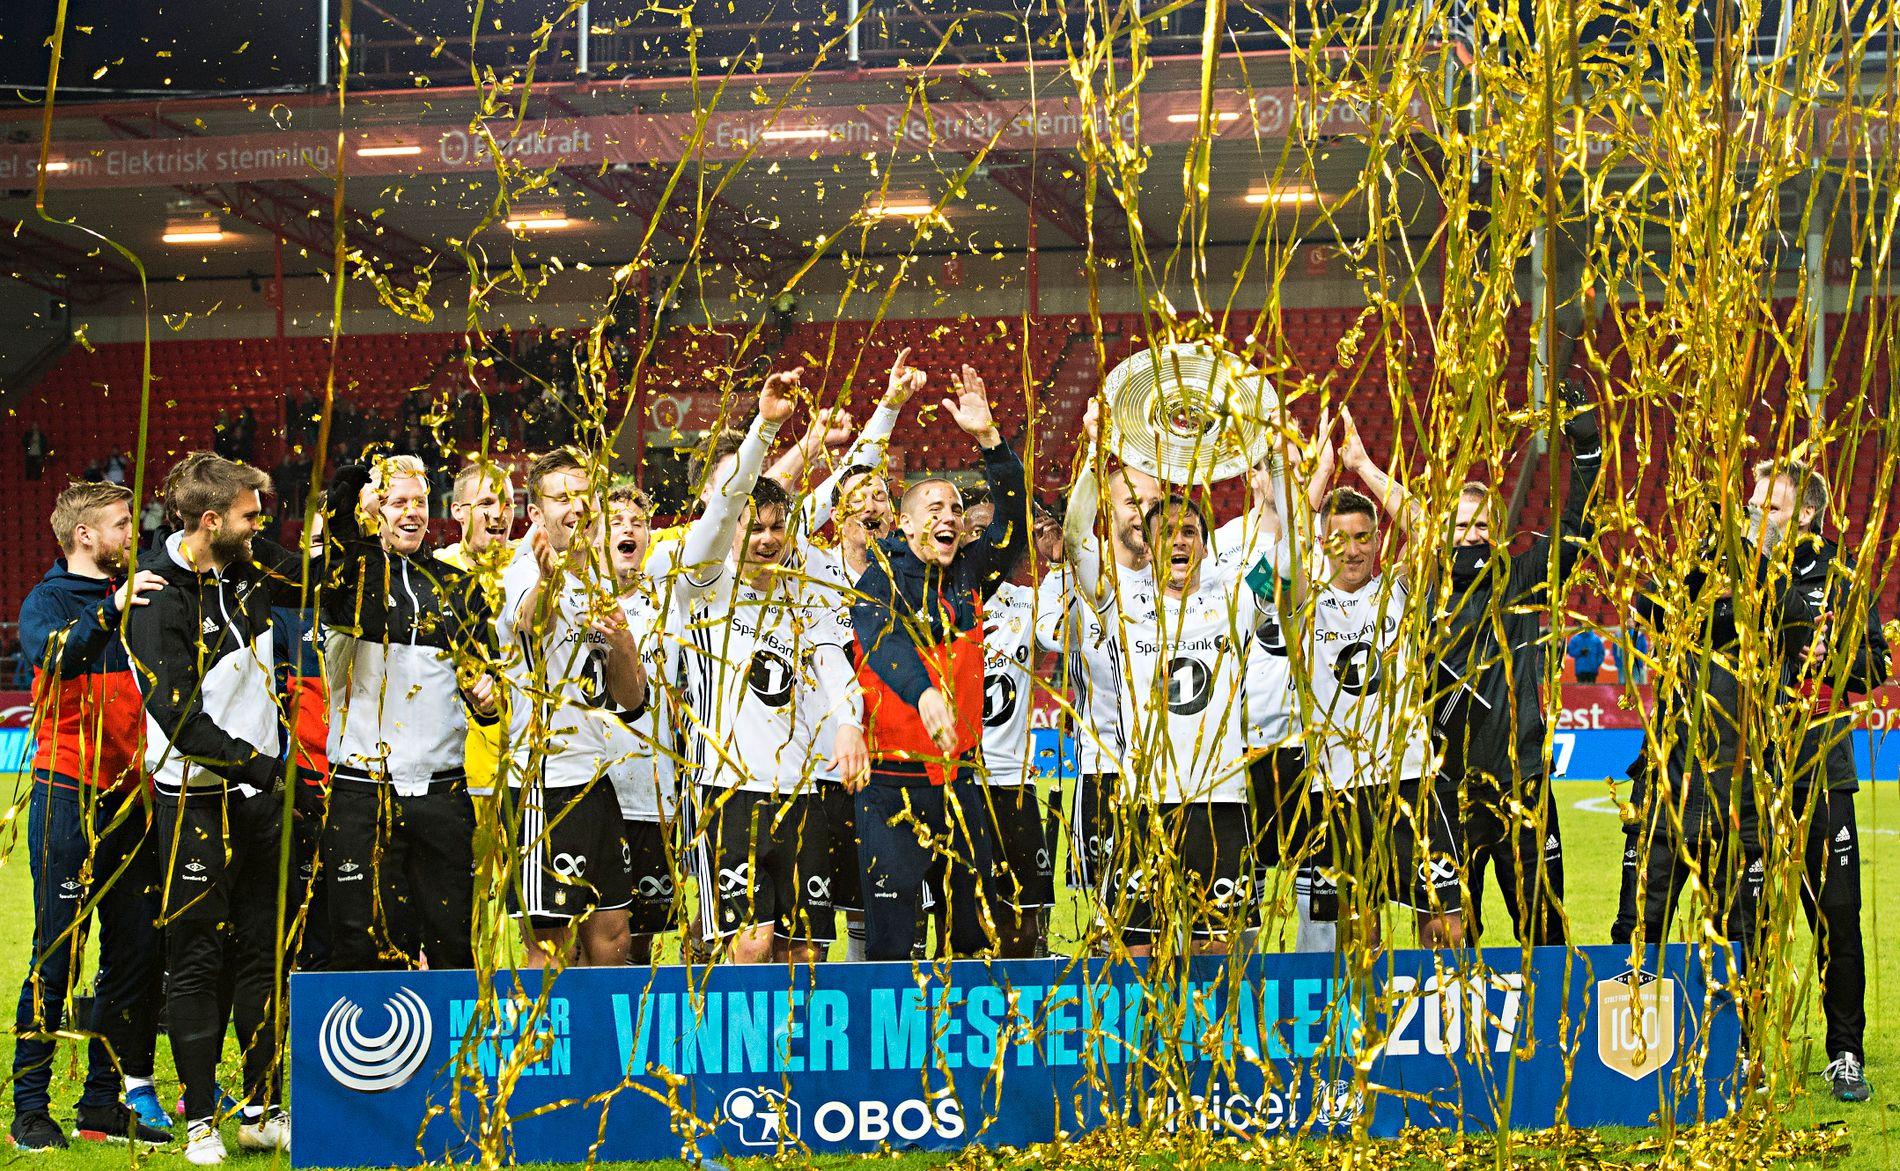 SEIERSGANG: Rosenborg slo Brann i mesterfinalen onsdag. Slik mener samtlige medier som VG har hentet tabelltips fra, at det skal fortsette til serieslutt i november.